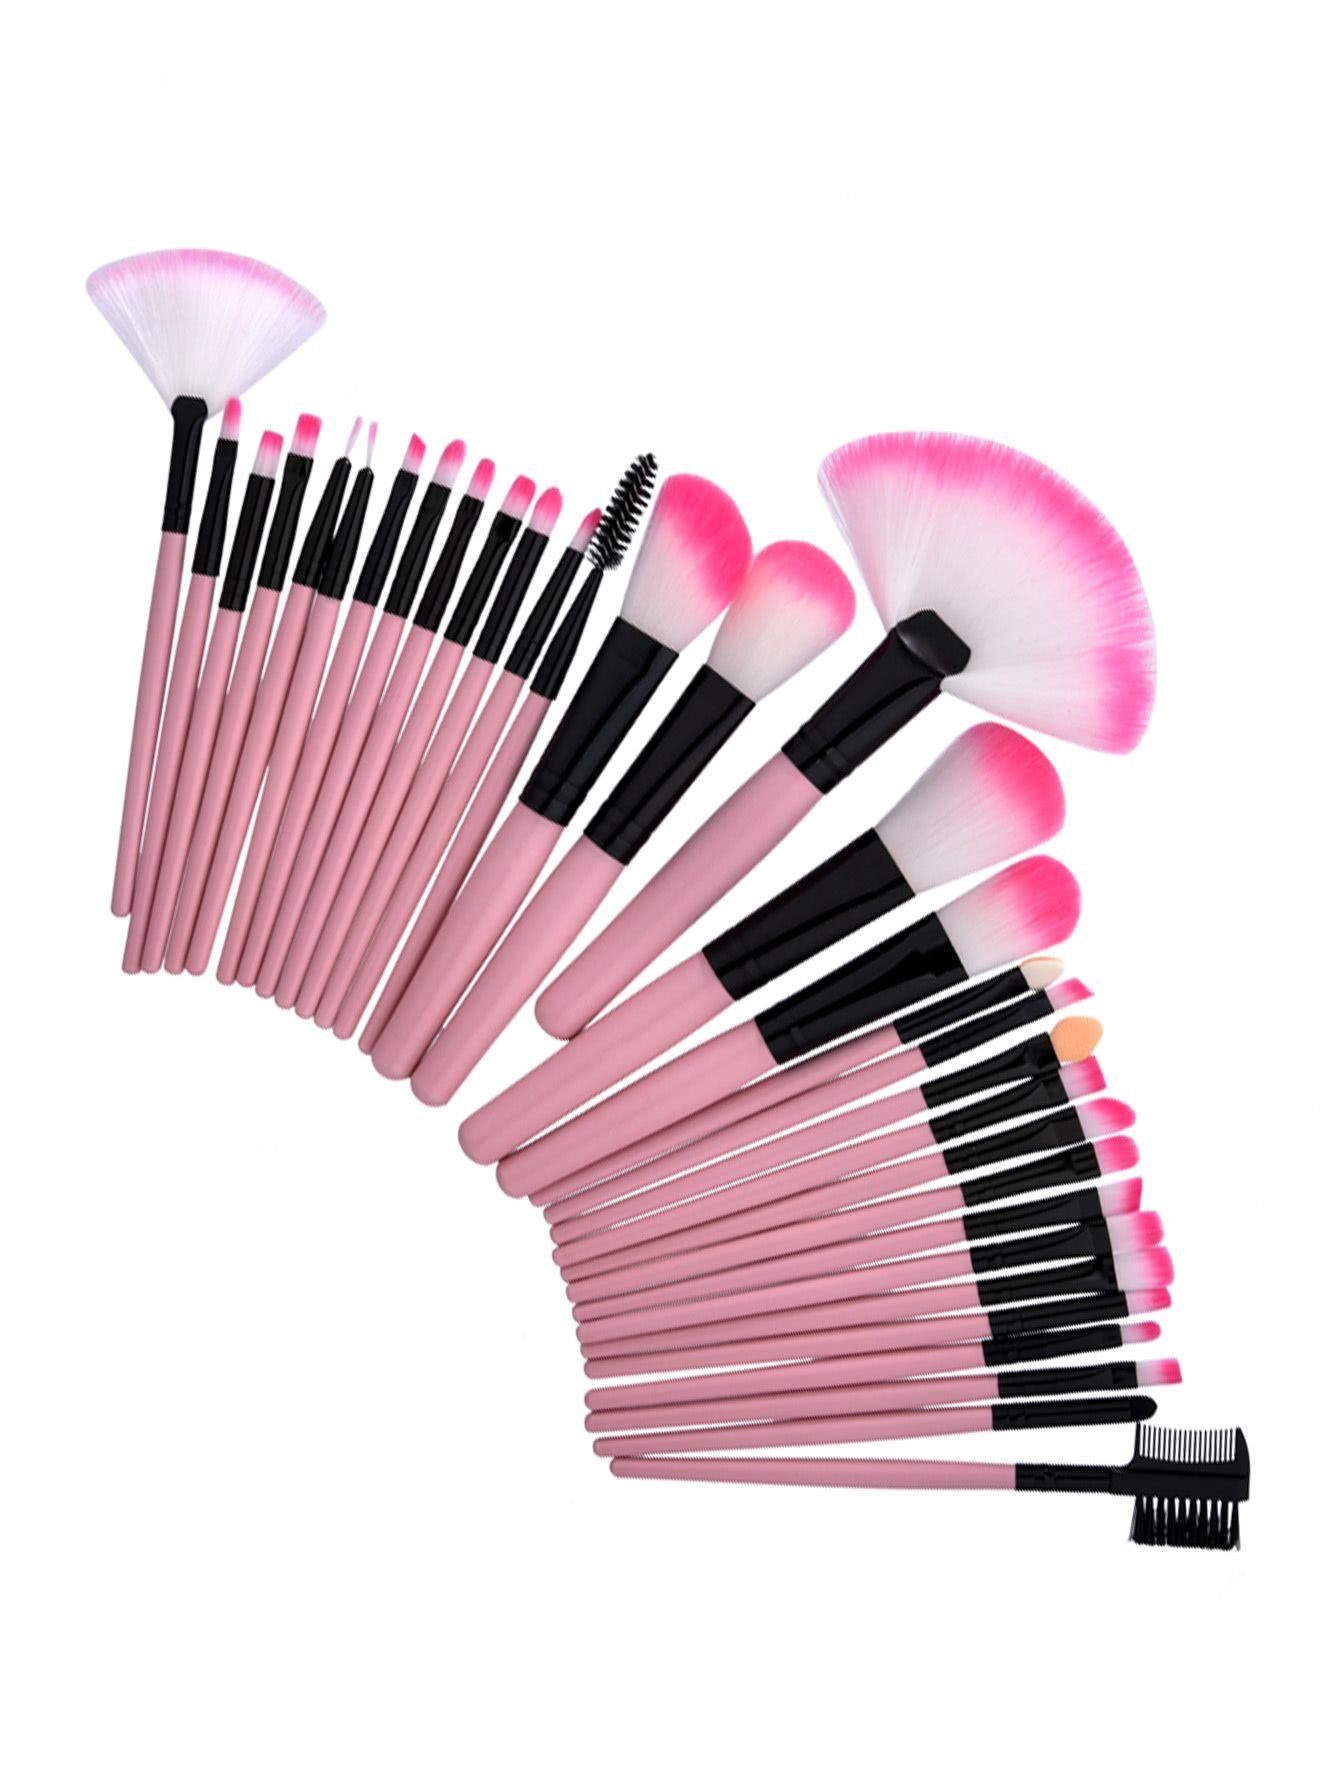 95e4e24a7b Shop Professional Makeup Brush 32pcs online. SheIn offers Professional  Makeup Brush 32pcs & more